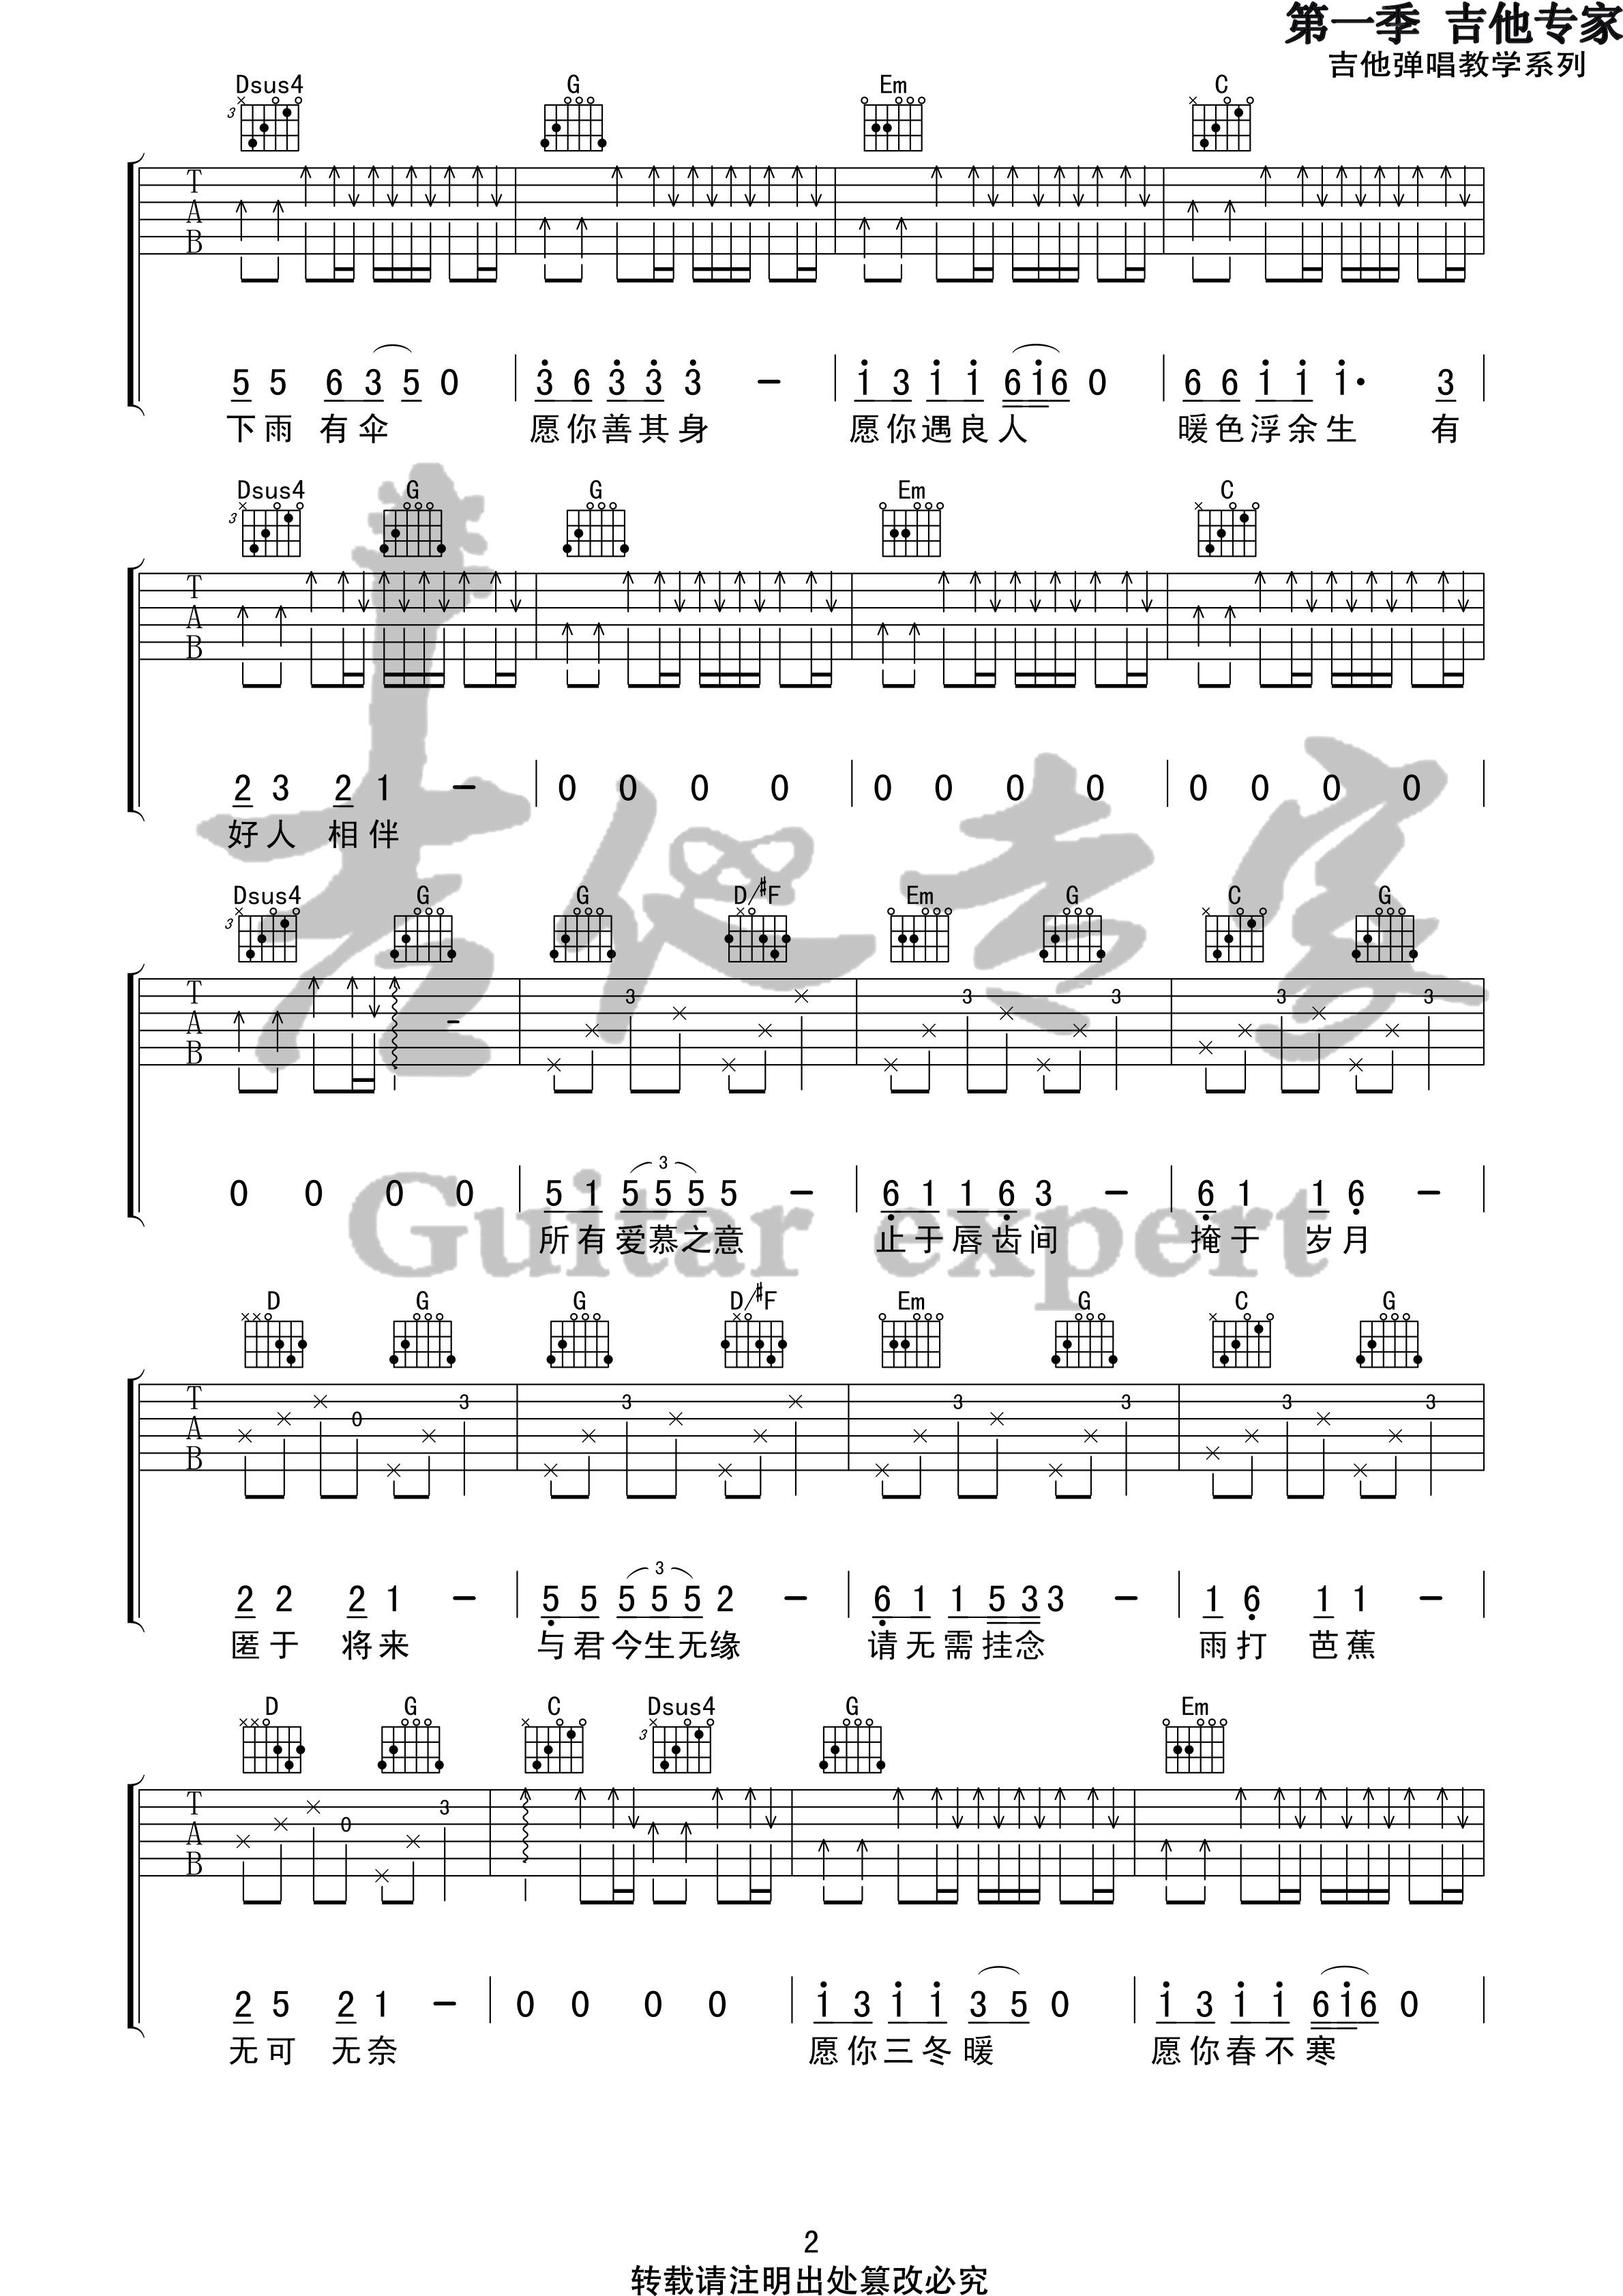 公子向北走(音艺吉他专家弹唱教学:第一季第48集)吉他谱(图片谱,弹唱,伴奏,教程)_李春花_公子向北走2 第一季第四十八集.jpg